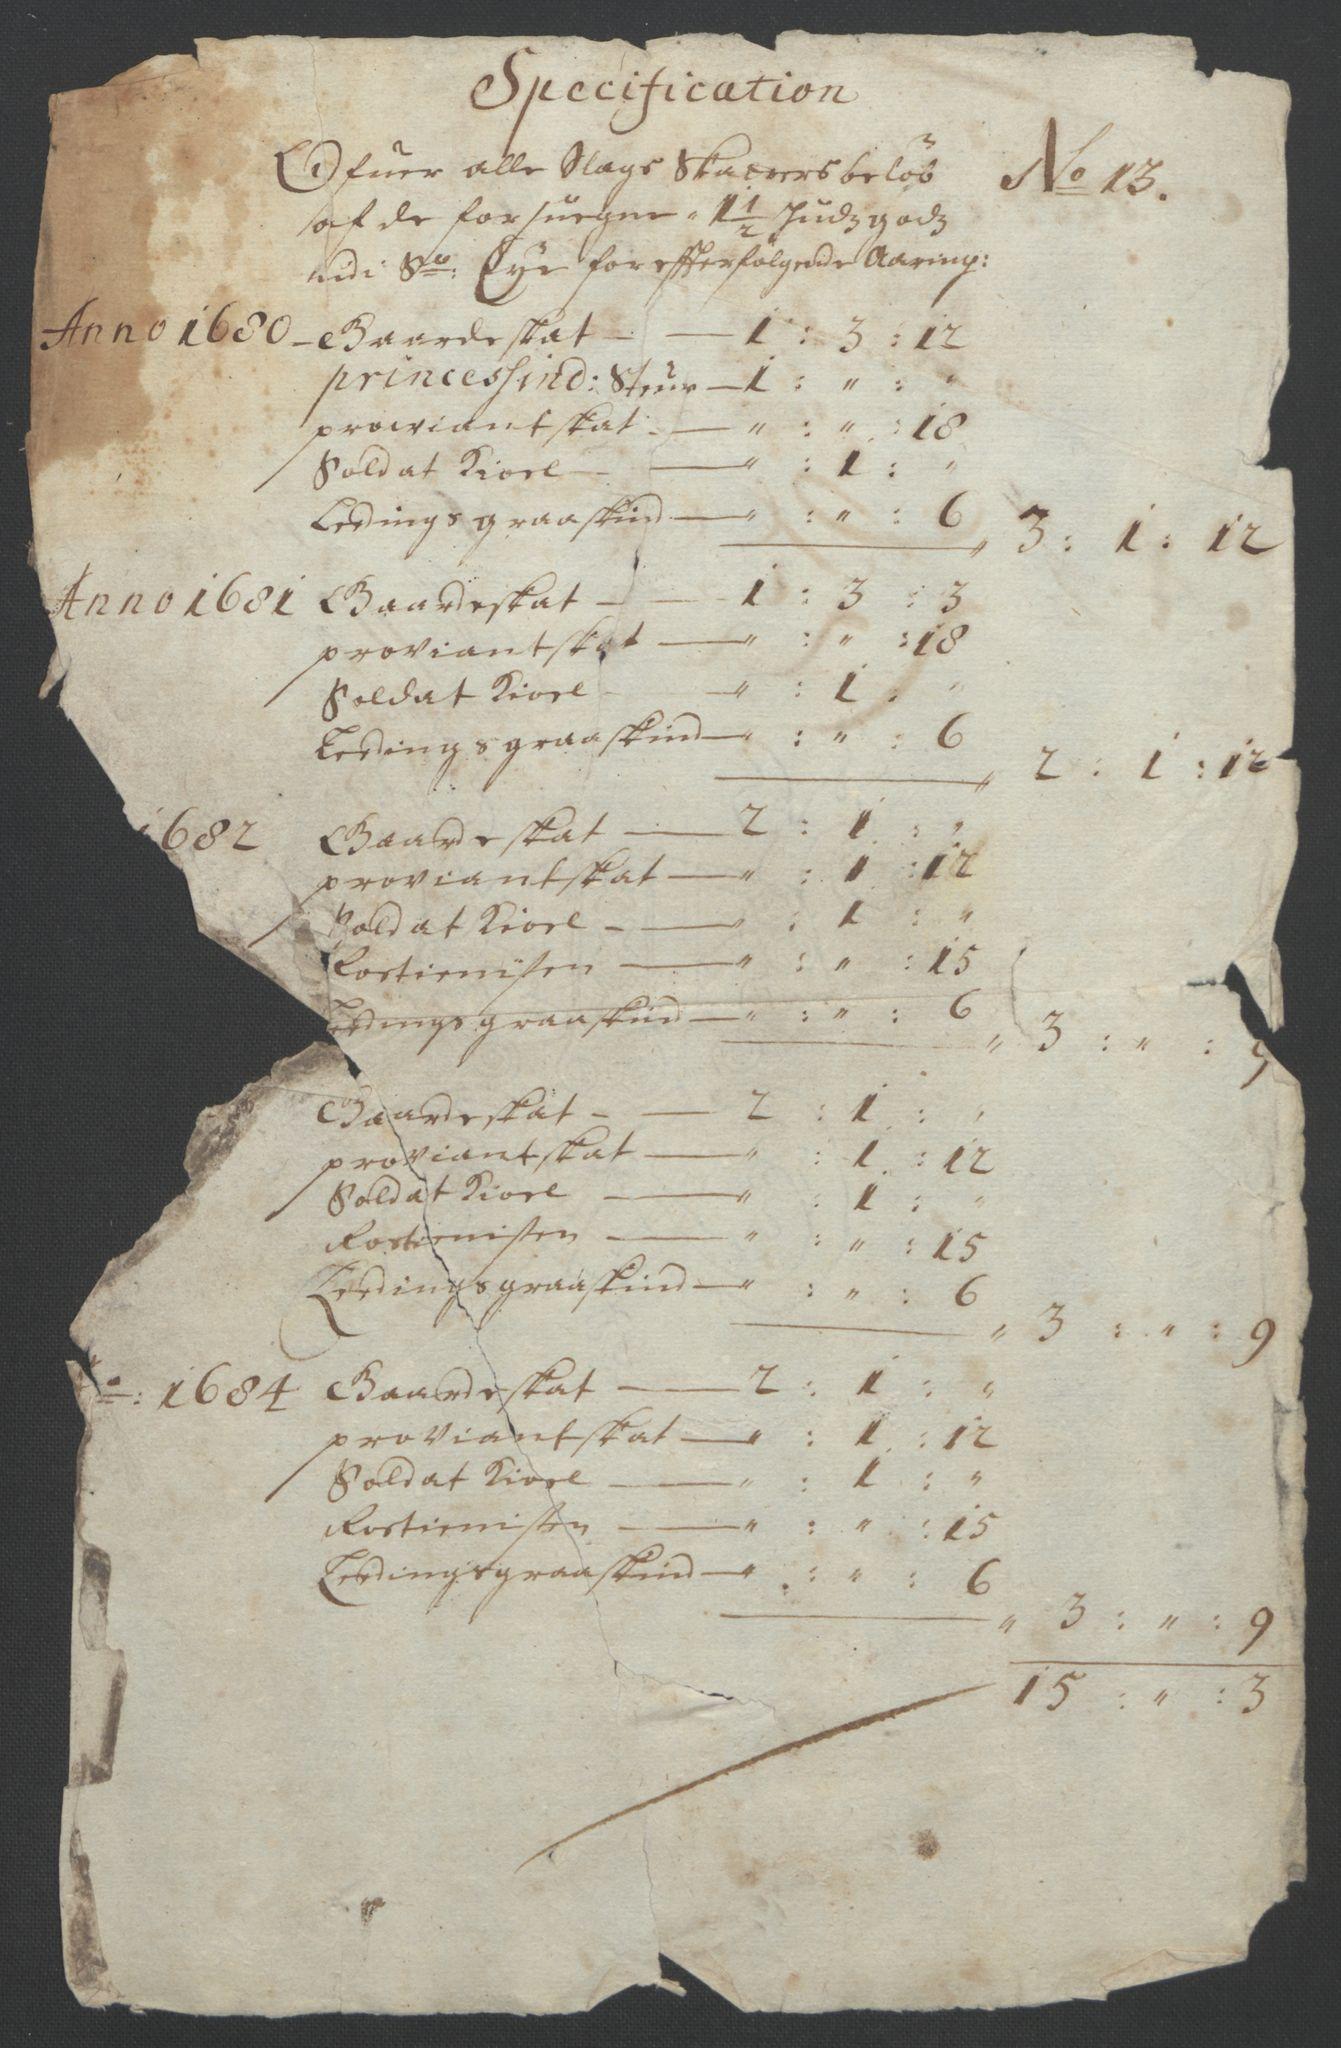 RA, Rentekammeret inntil 1814, Reviderte regnskaper, Fogderegnskap, R24/L1572: Fogderegnskap Numedal og Sandsvær, 1679-1686, s. 193